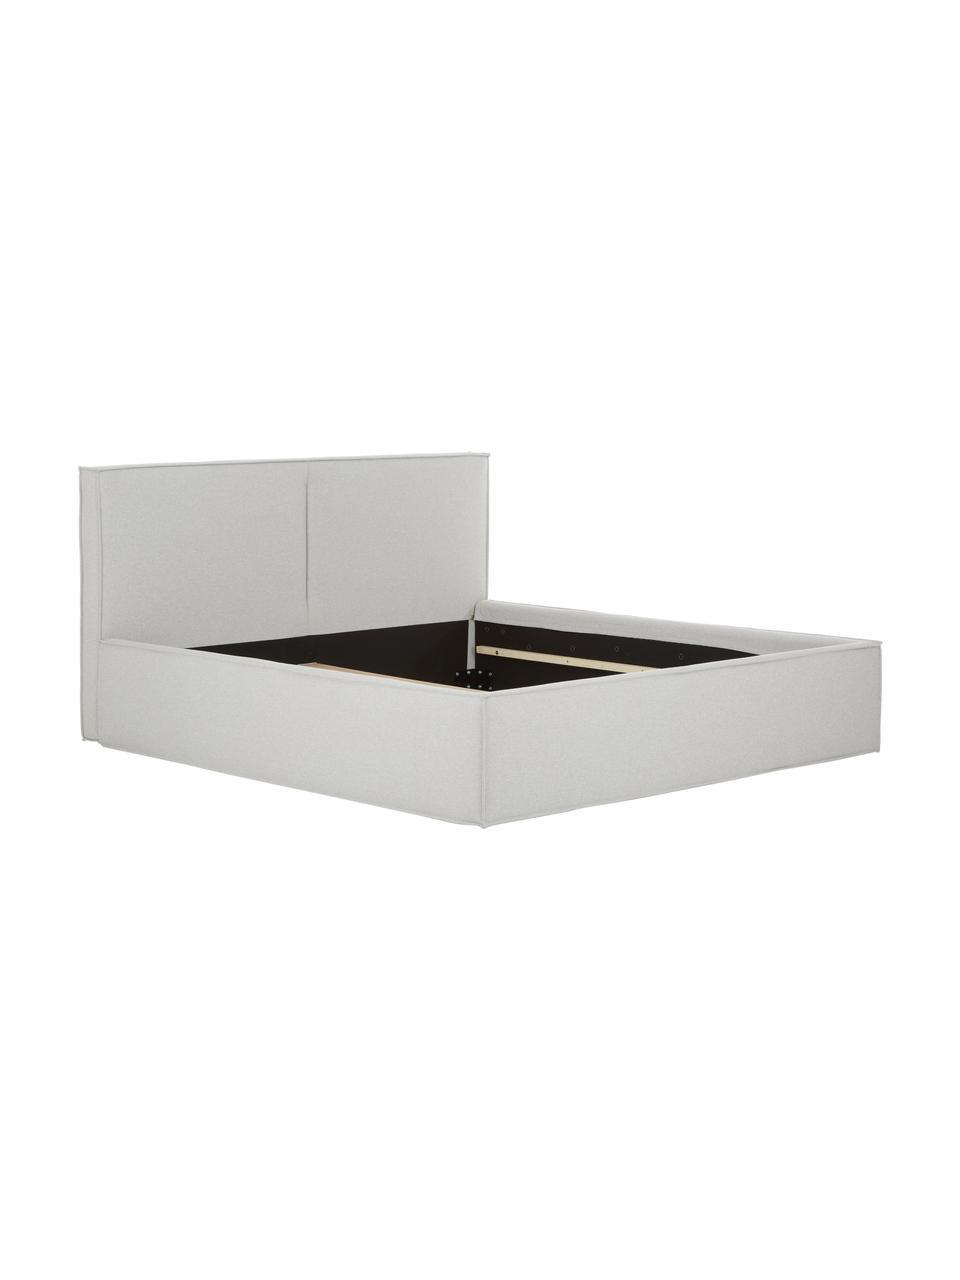 Letto imbottito in tessuto grigio chiaro Dream, Rivestimento: 100% poliestere Il rivest, Tessuto grigio chiaro, 180 x 200 cm